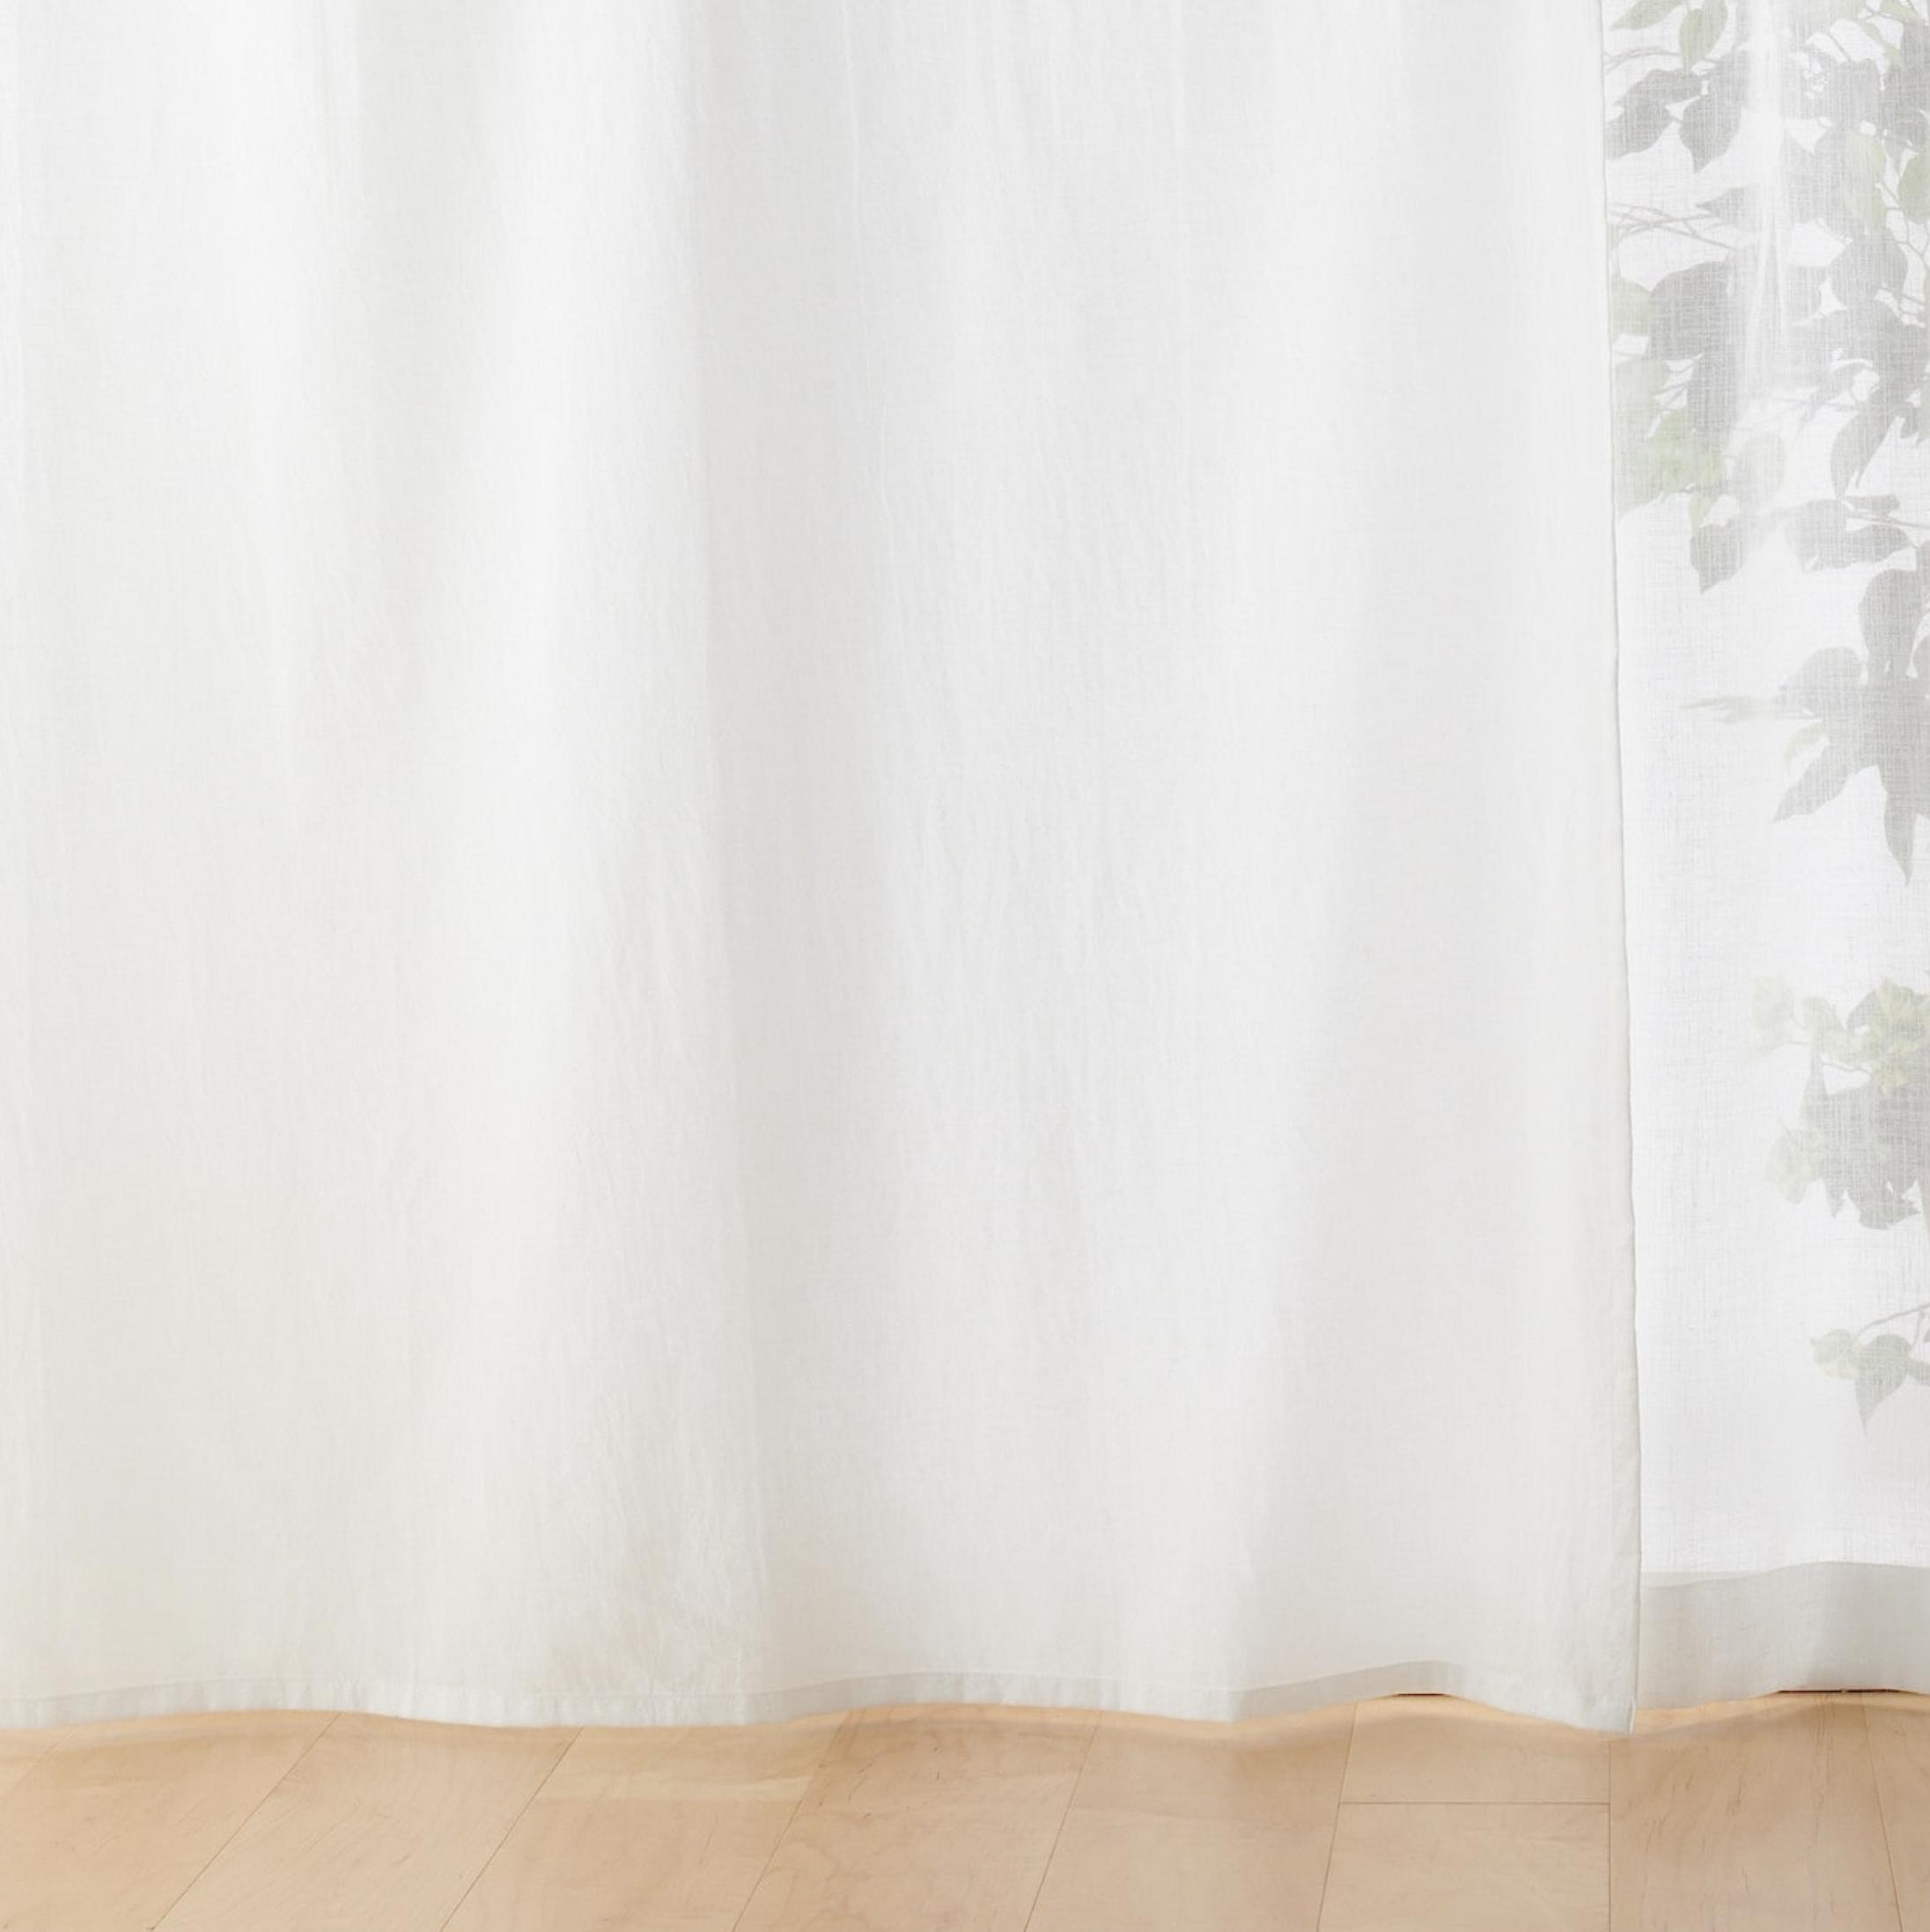 綿洗いざらし平織ノンプリーツカーテン/生成 幅100×丈105cm用